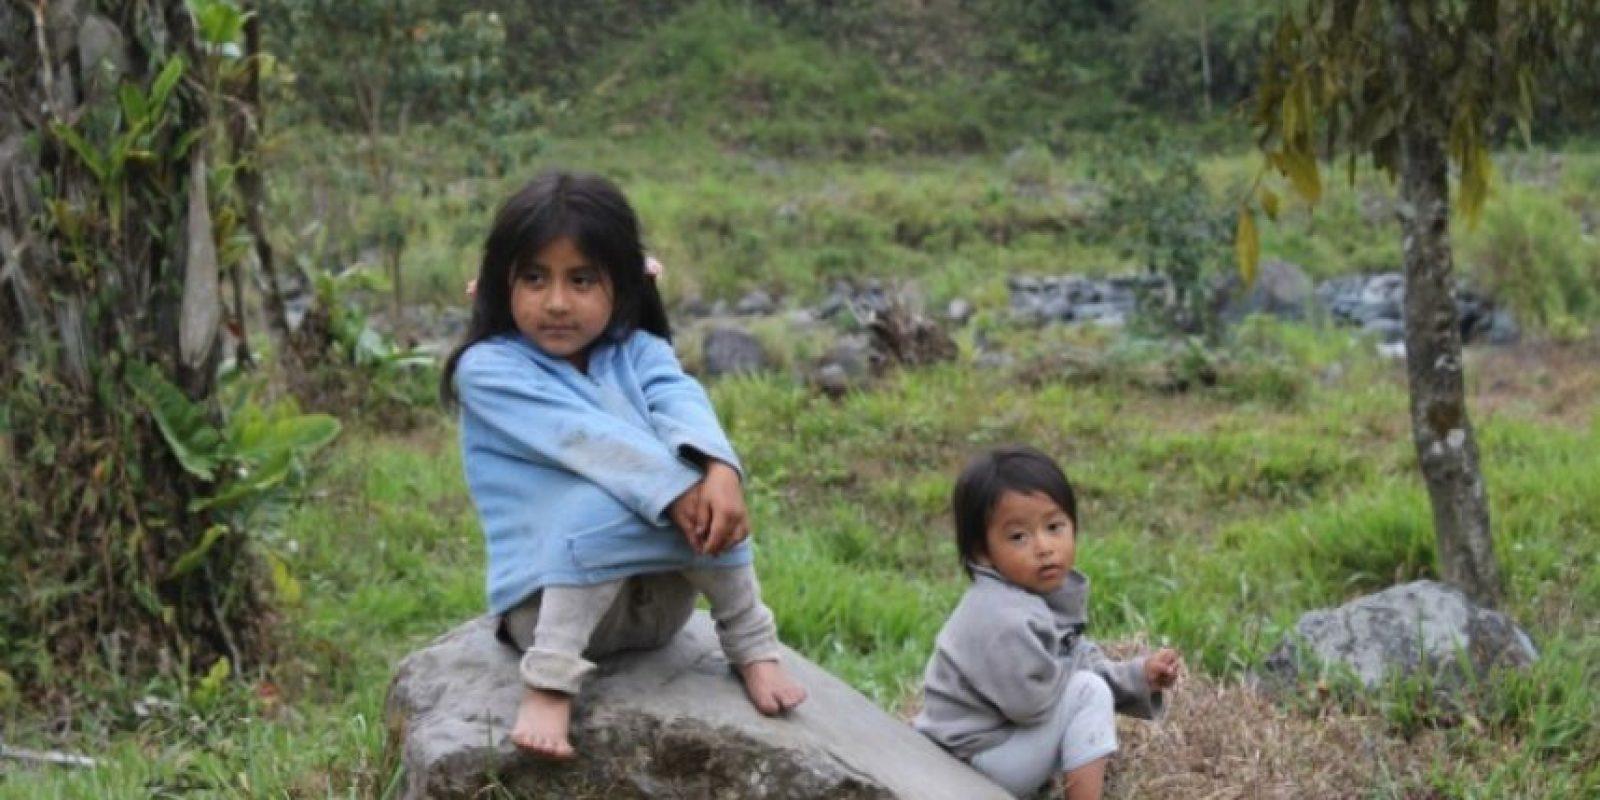 País: Ecuador / Categoría: El alma de la Ciudad Foto:Santiago Encalada Montenegro